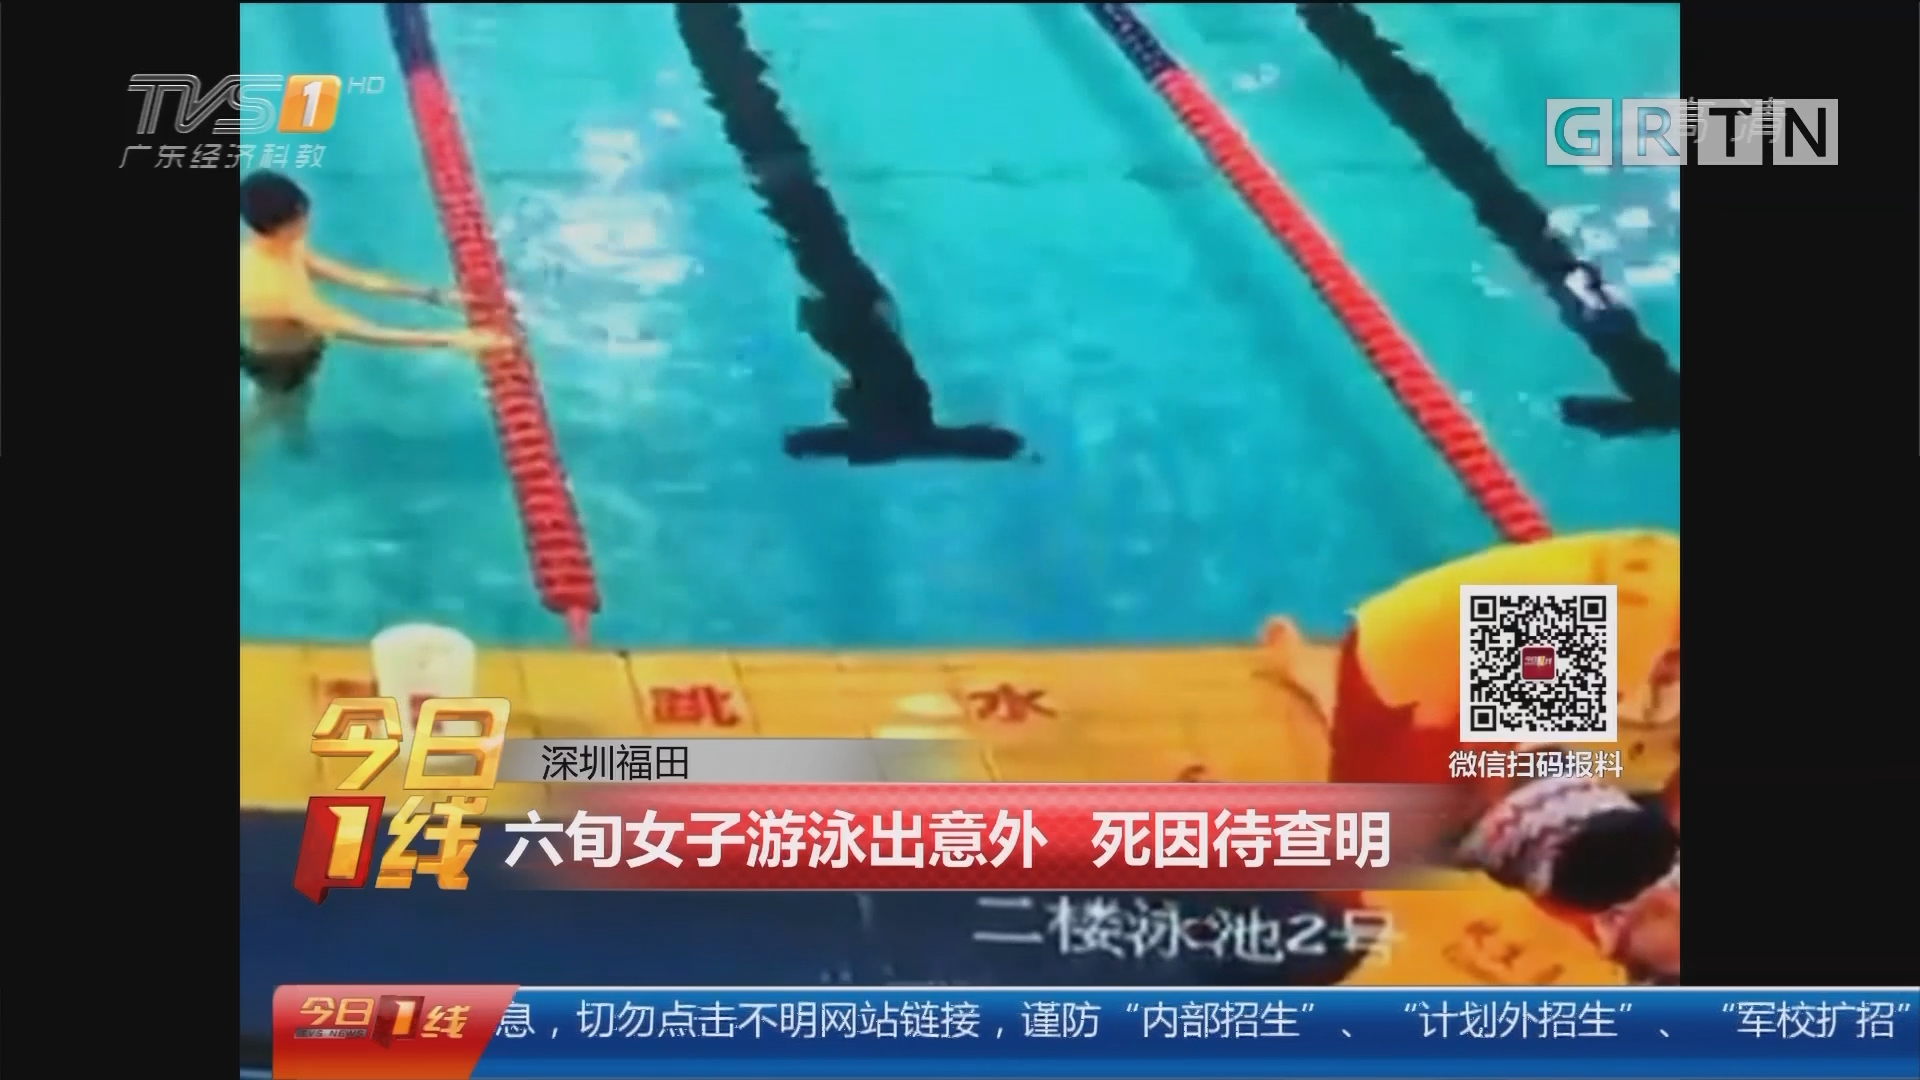 深圳福田:六旬女子游泳出意外 死因待查明